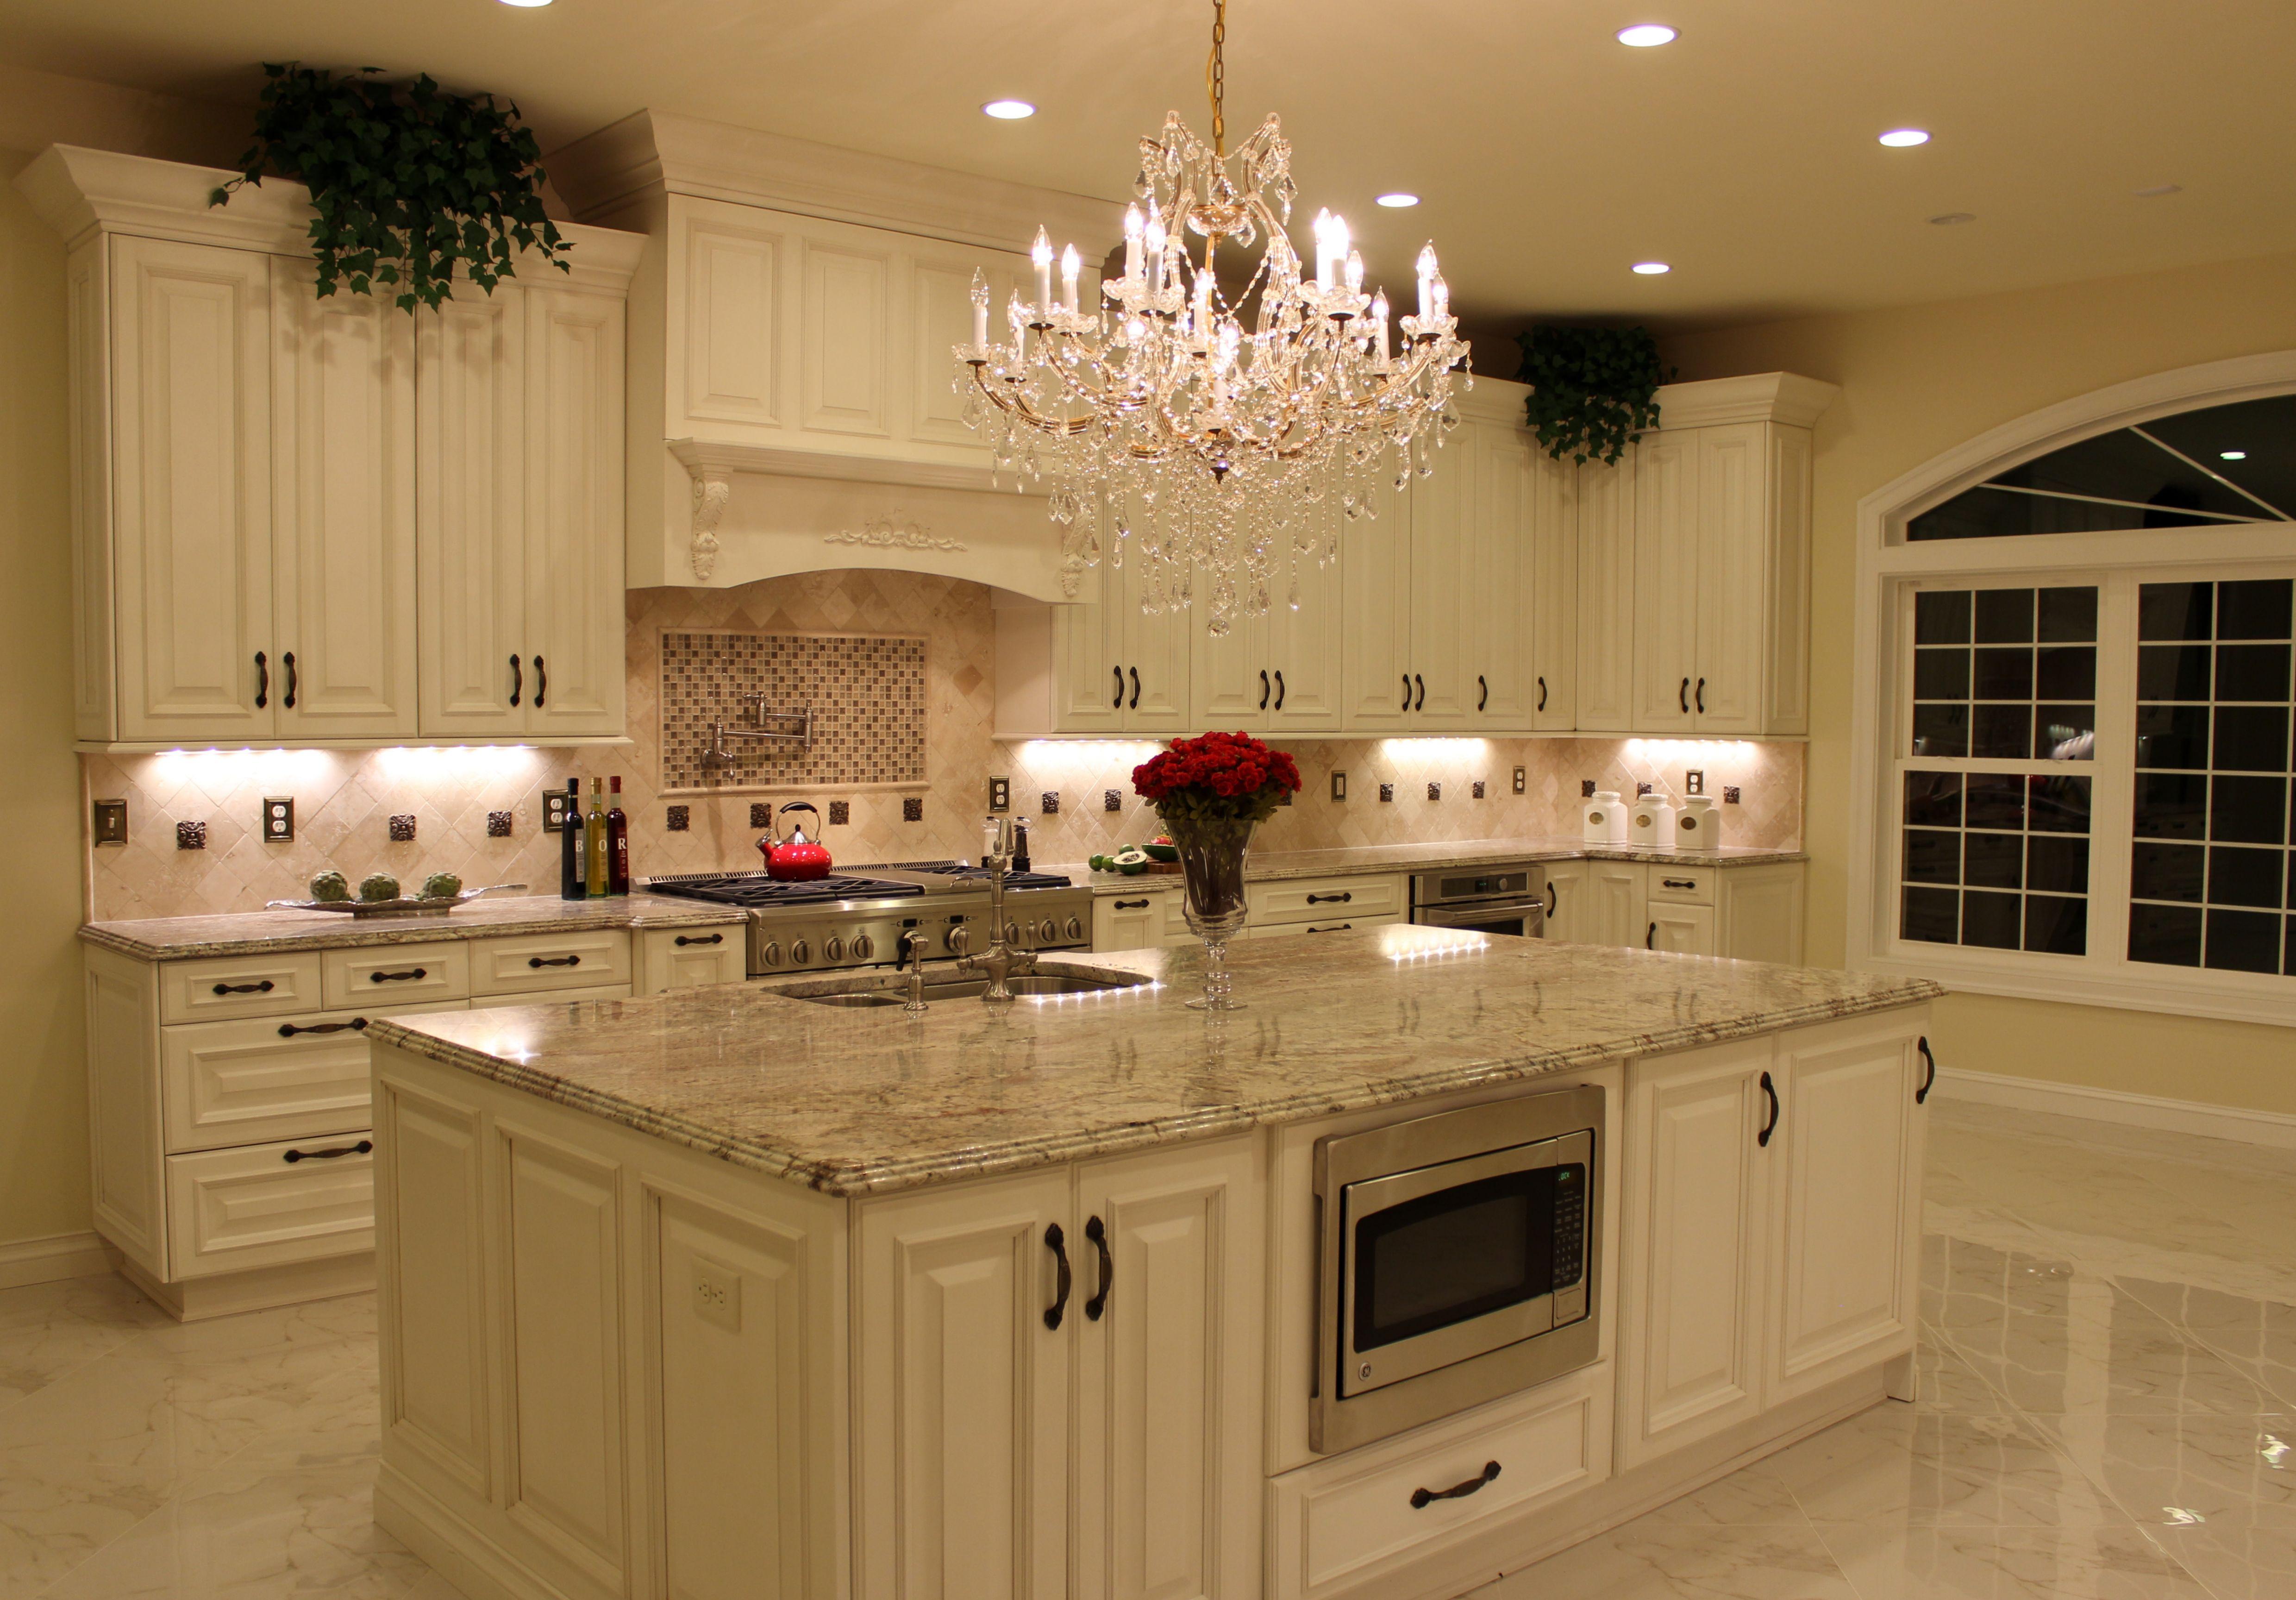 Grandior Kitchens   Designing a kosher kitchen with careful planning